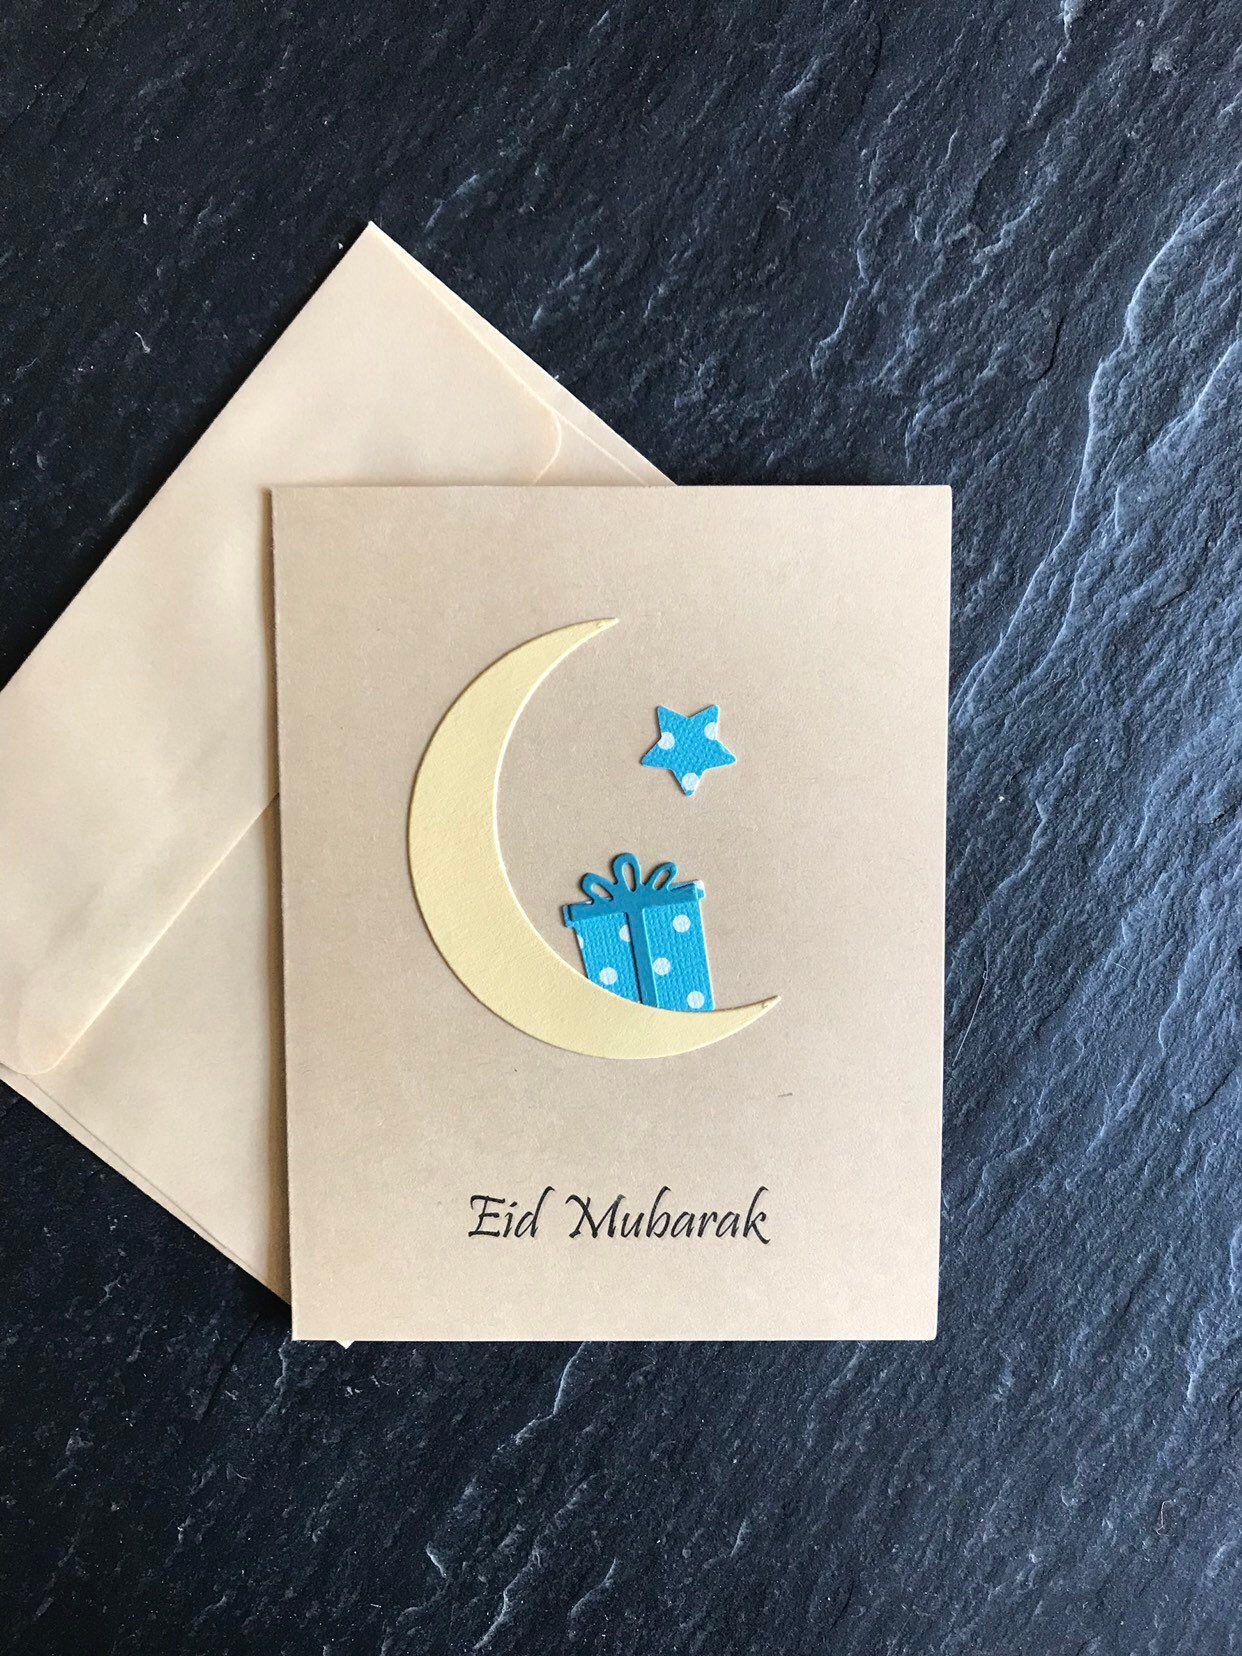 Eid Mubarak Card Ramadan Gift Eid Gift Handmade Greeting Card